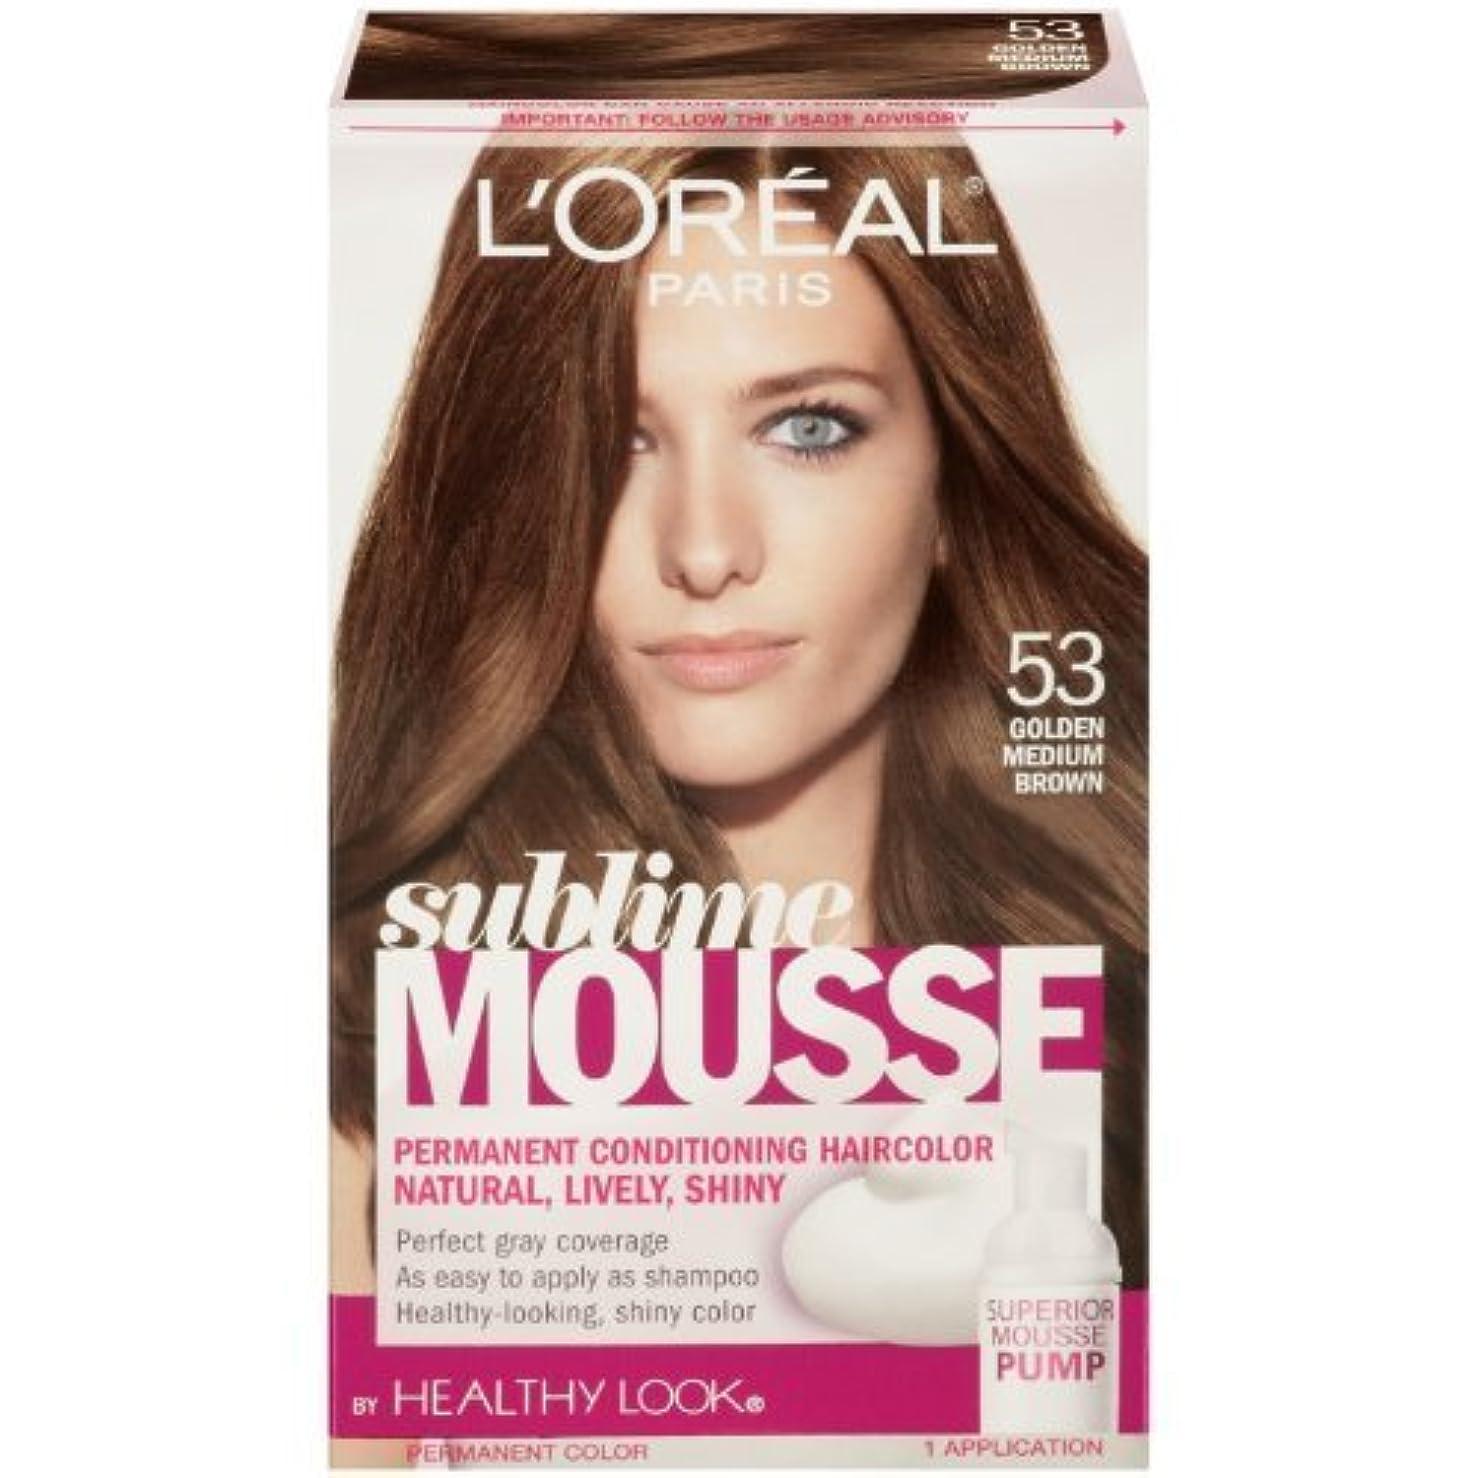 値下げ砲兵小学生L'Oreal Paris Sublime Mousse by Healthy Look Hair Color, 53 Golden Medium Brown by SUBLIME MOUSSE [並行輸入品]